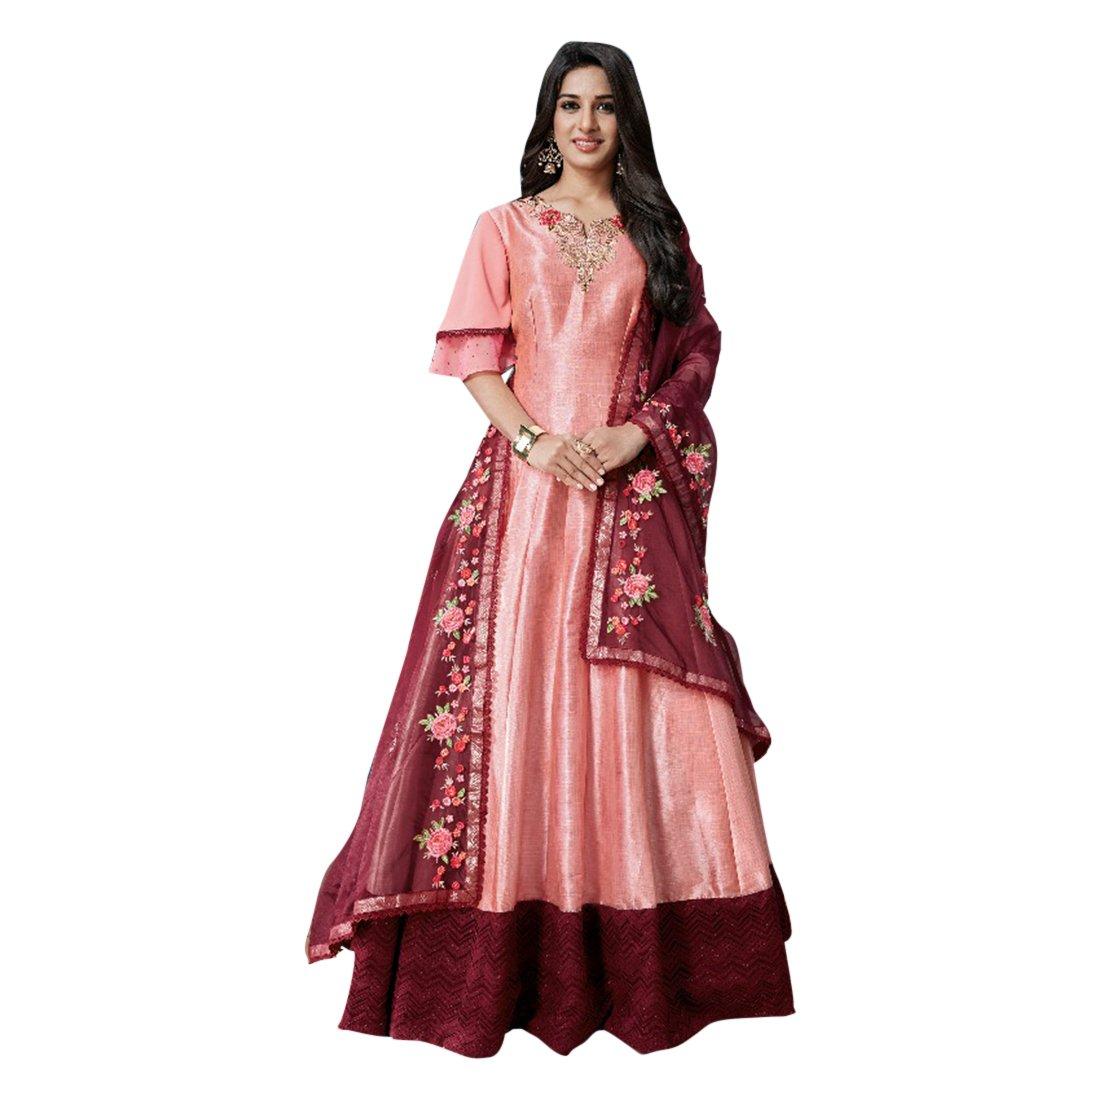 Amazon.com: Eid nuevo diseño de Festive Mujer Caftán vestido ...